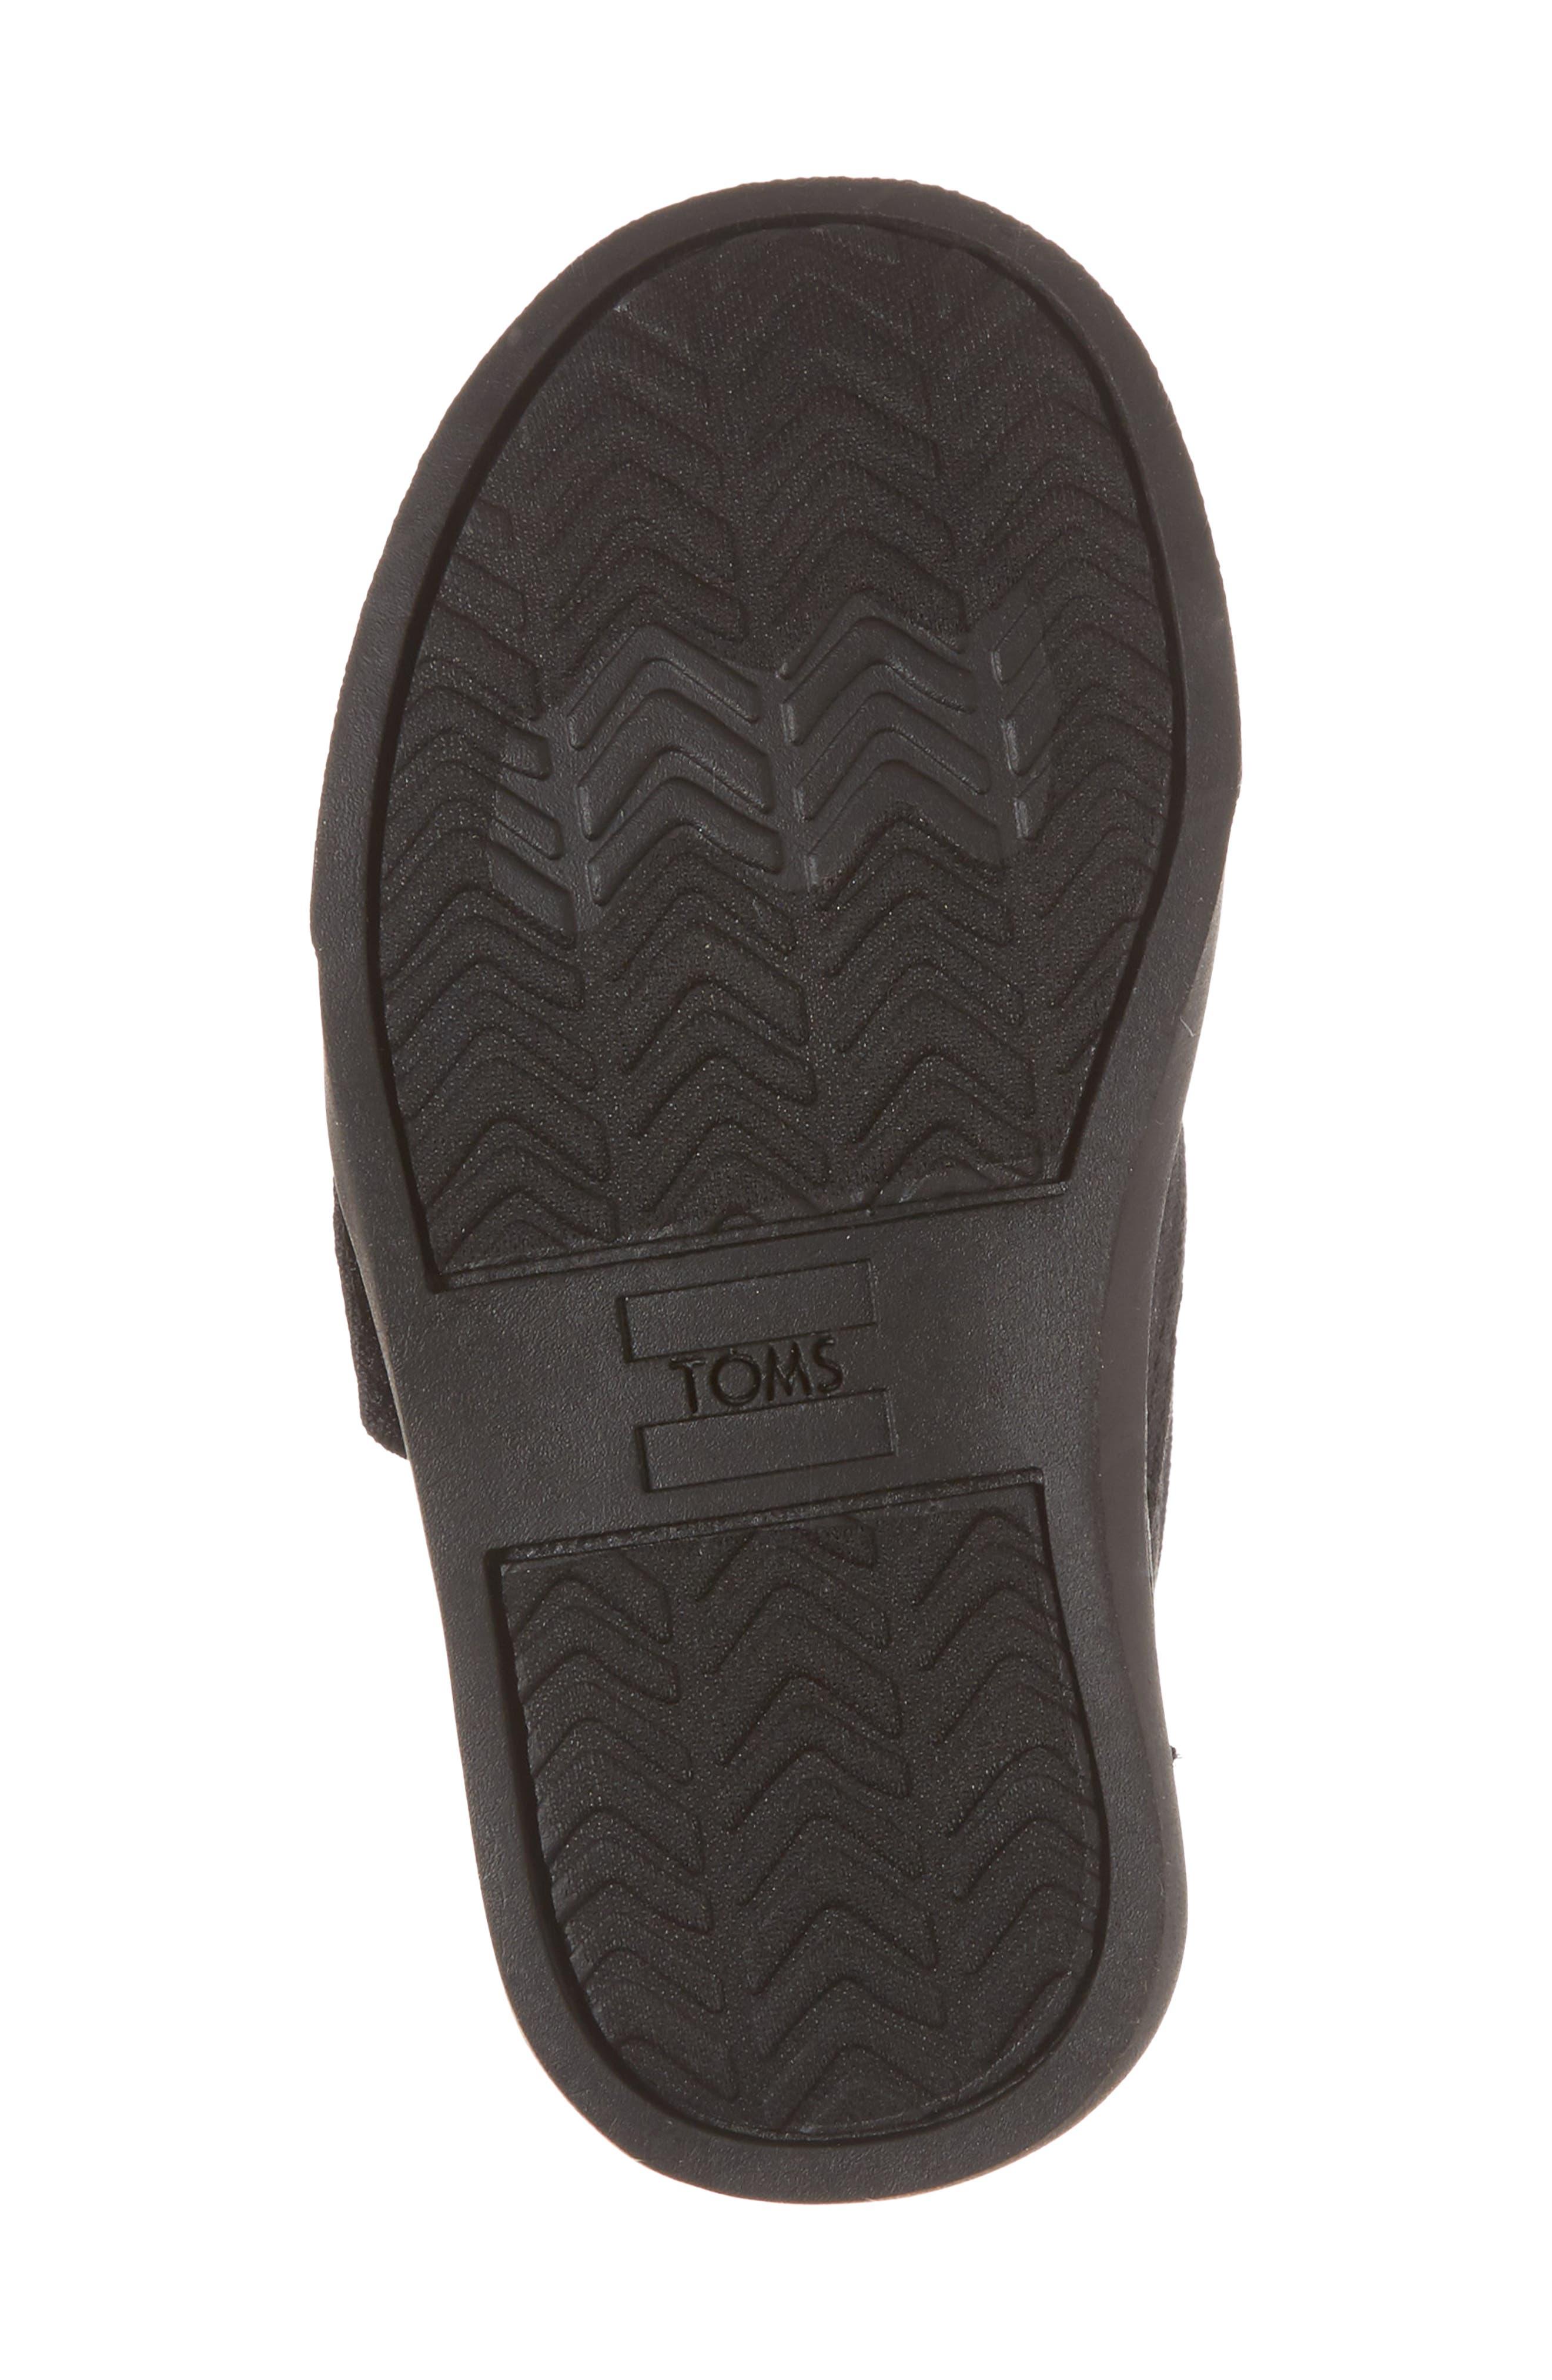 TOMS,                             Luca Slip-On Sneaker,                             Alternate thumbnail 6, color,                             001